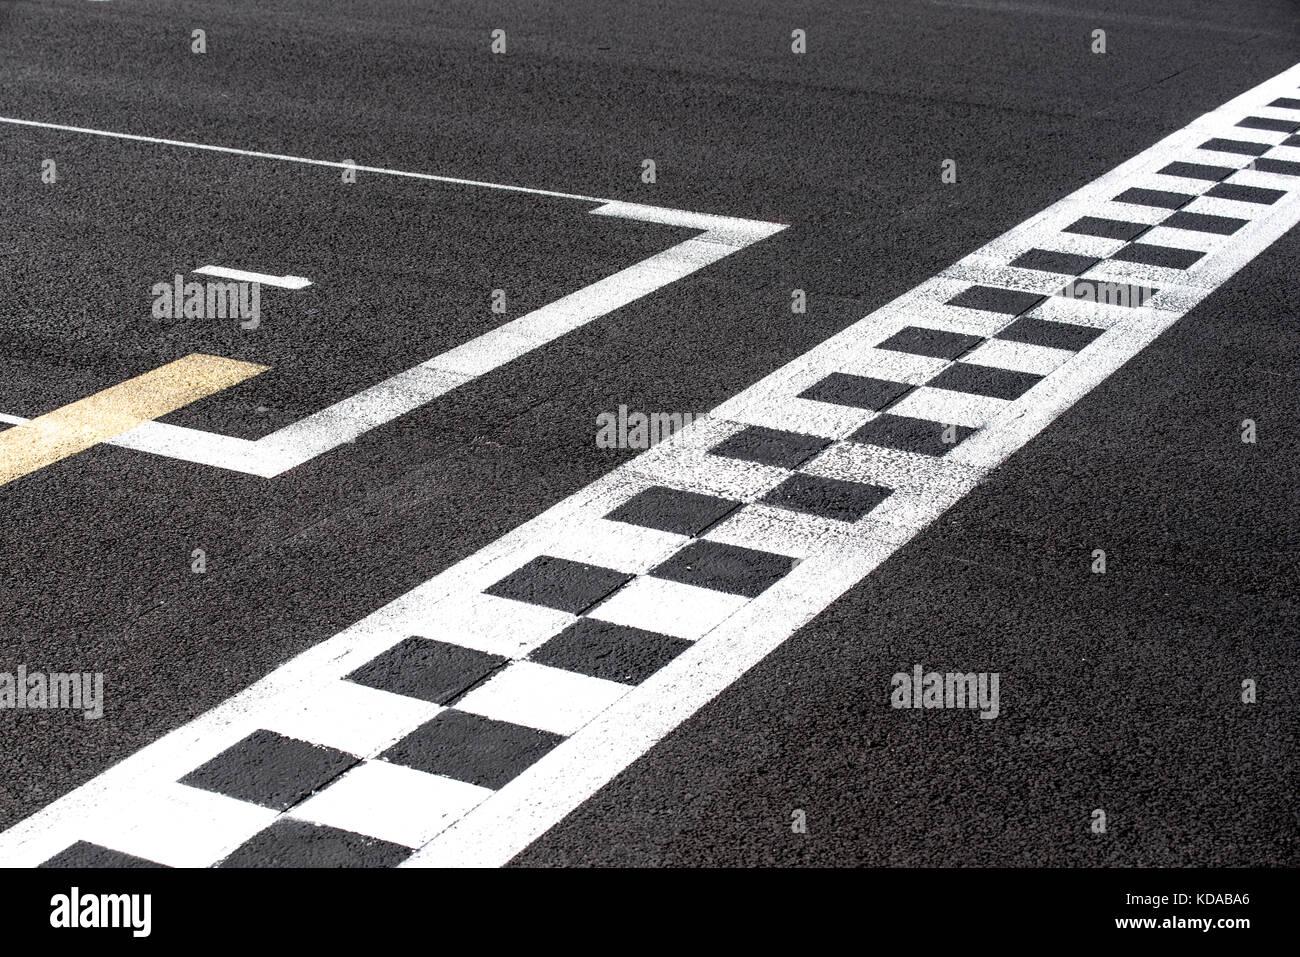 Ligne d'arrivée à damiers et signe la pole position dans le sport automobile racing track concept Photo Stock